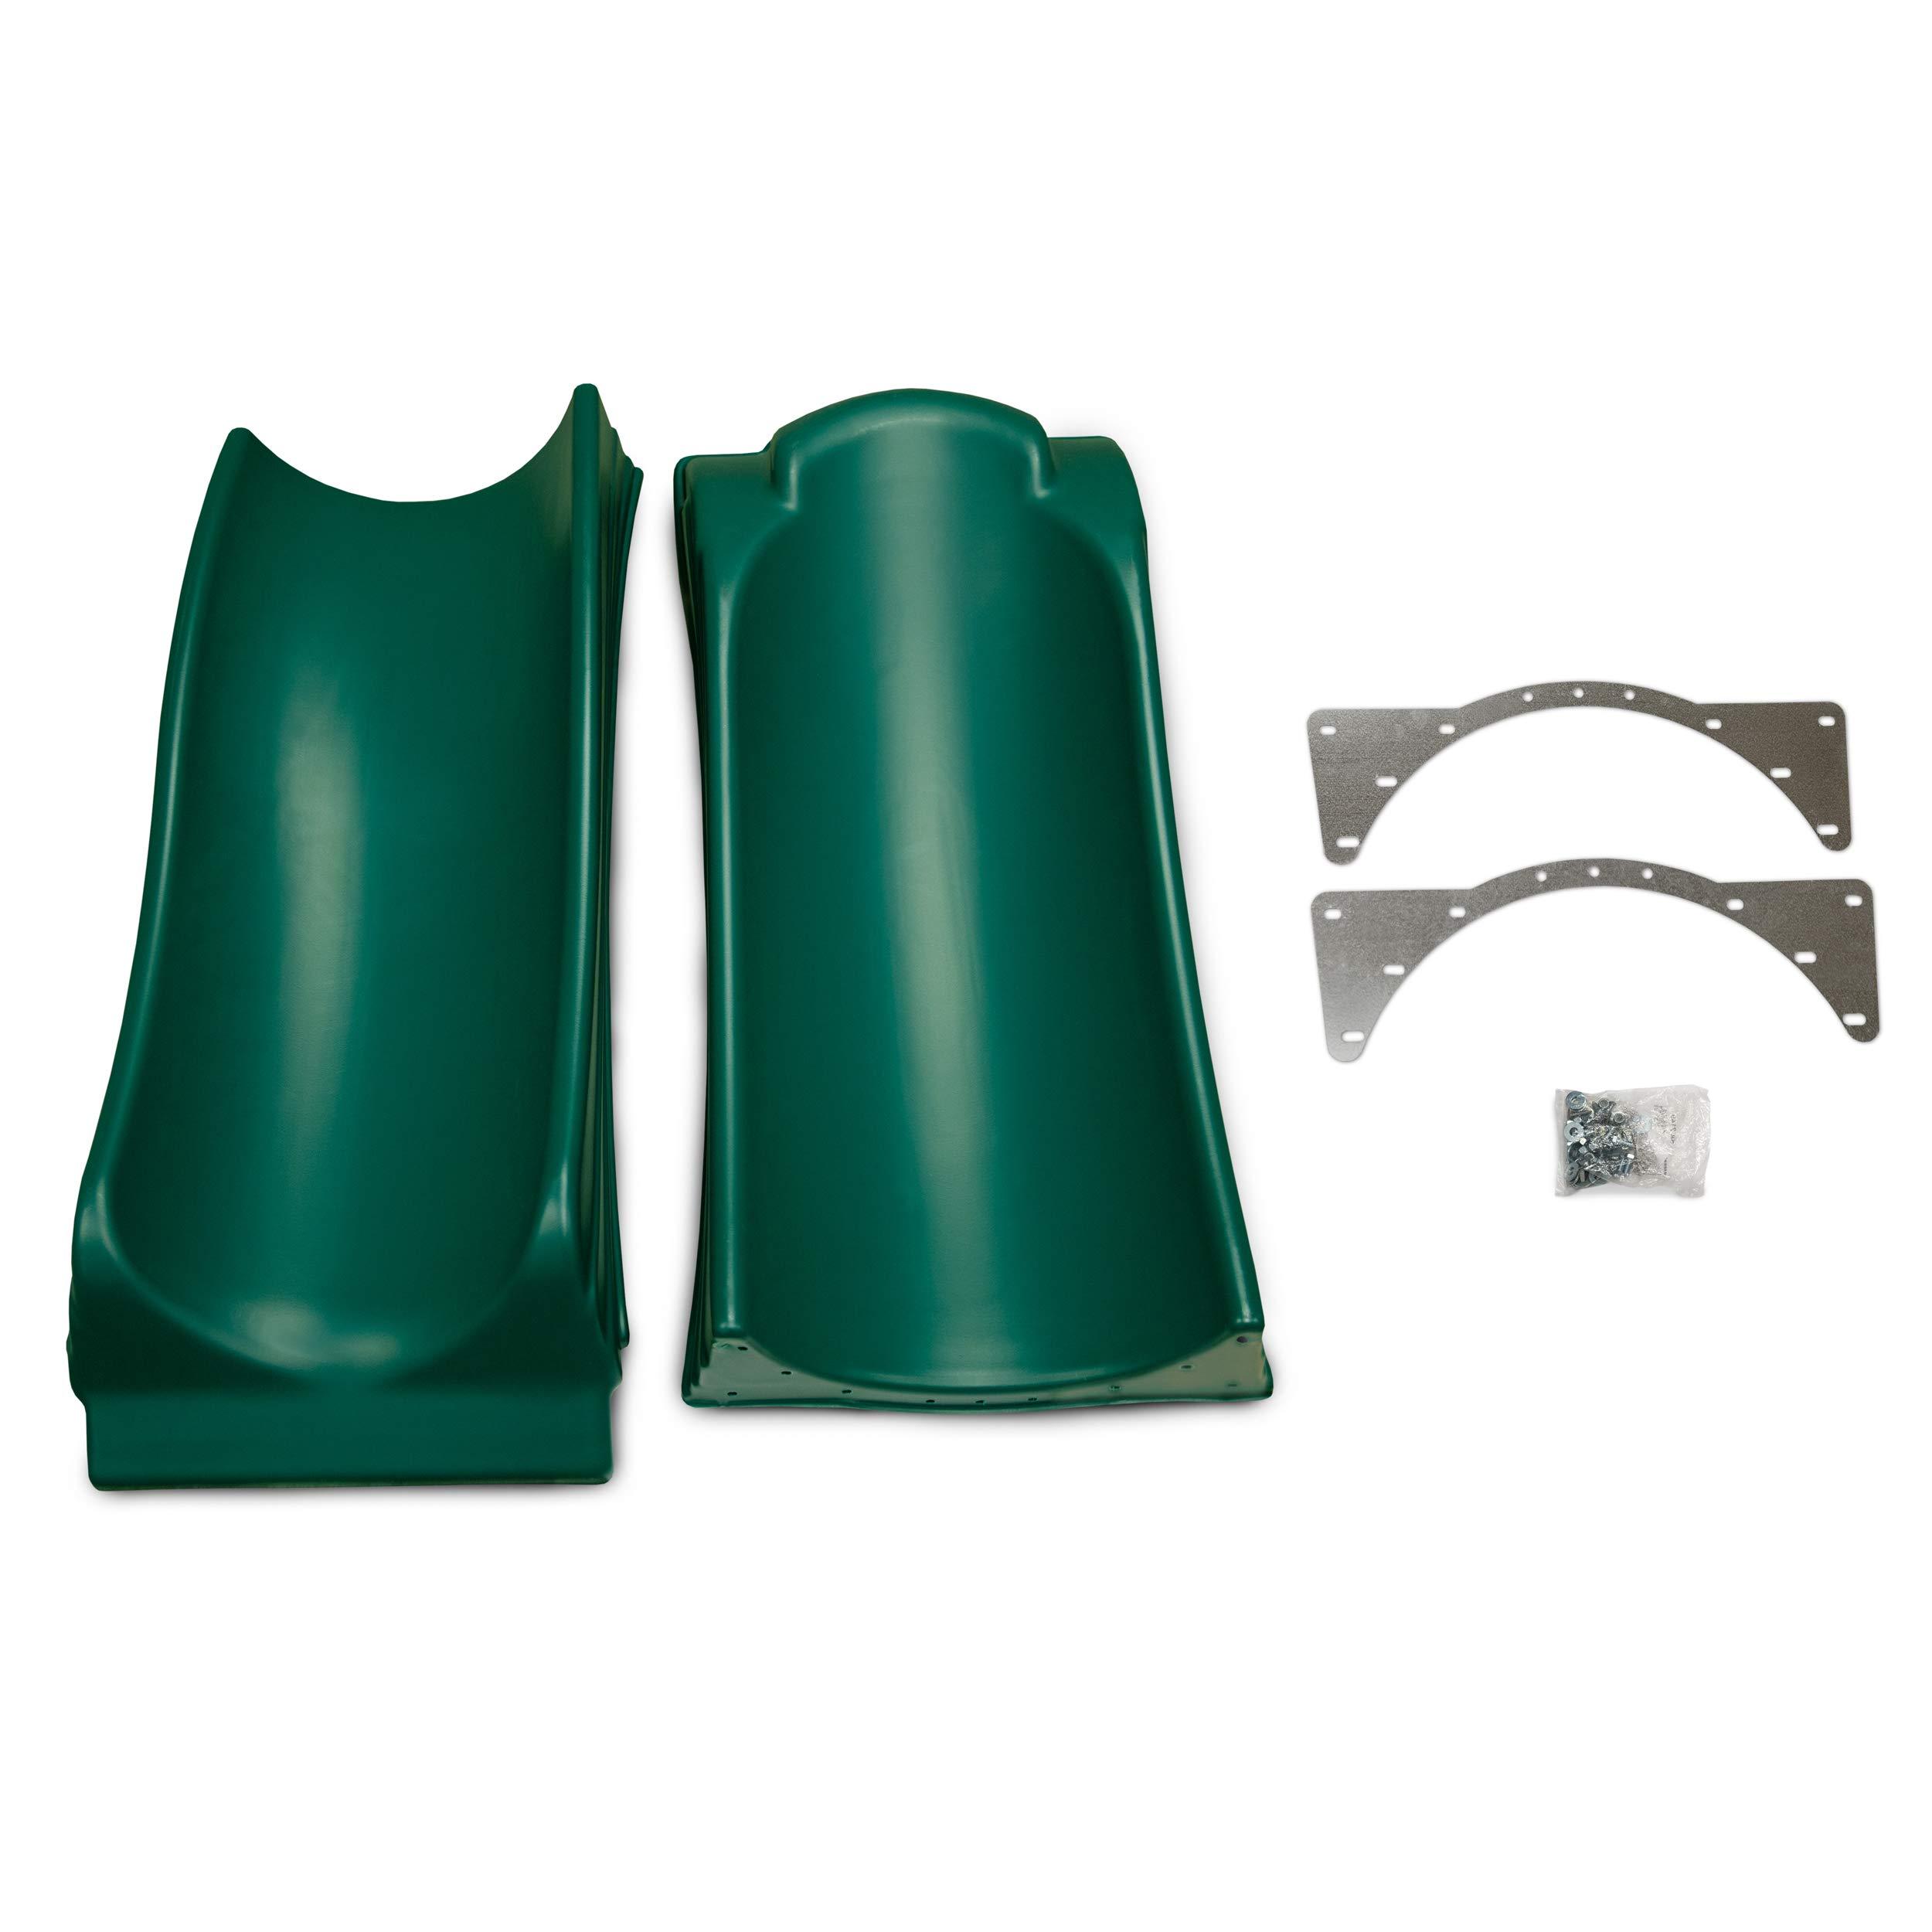 Swing-N-Slide WS 5033 Olympus Wave Slide Plastic Slide for 5' Decks, Green by Swing-N-Slide (Image #6)